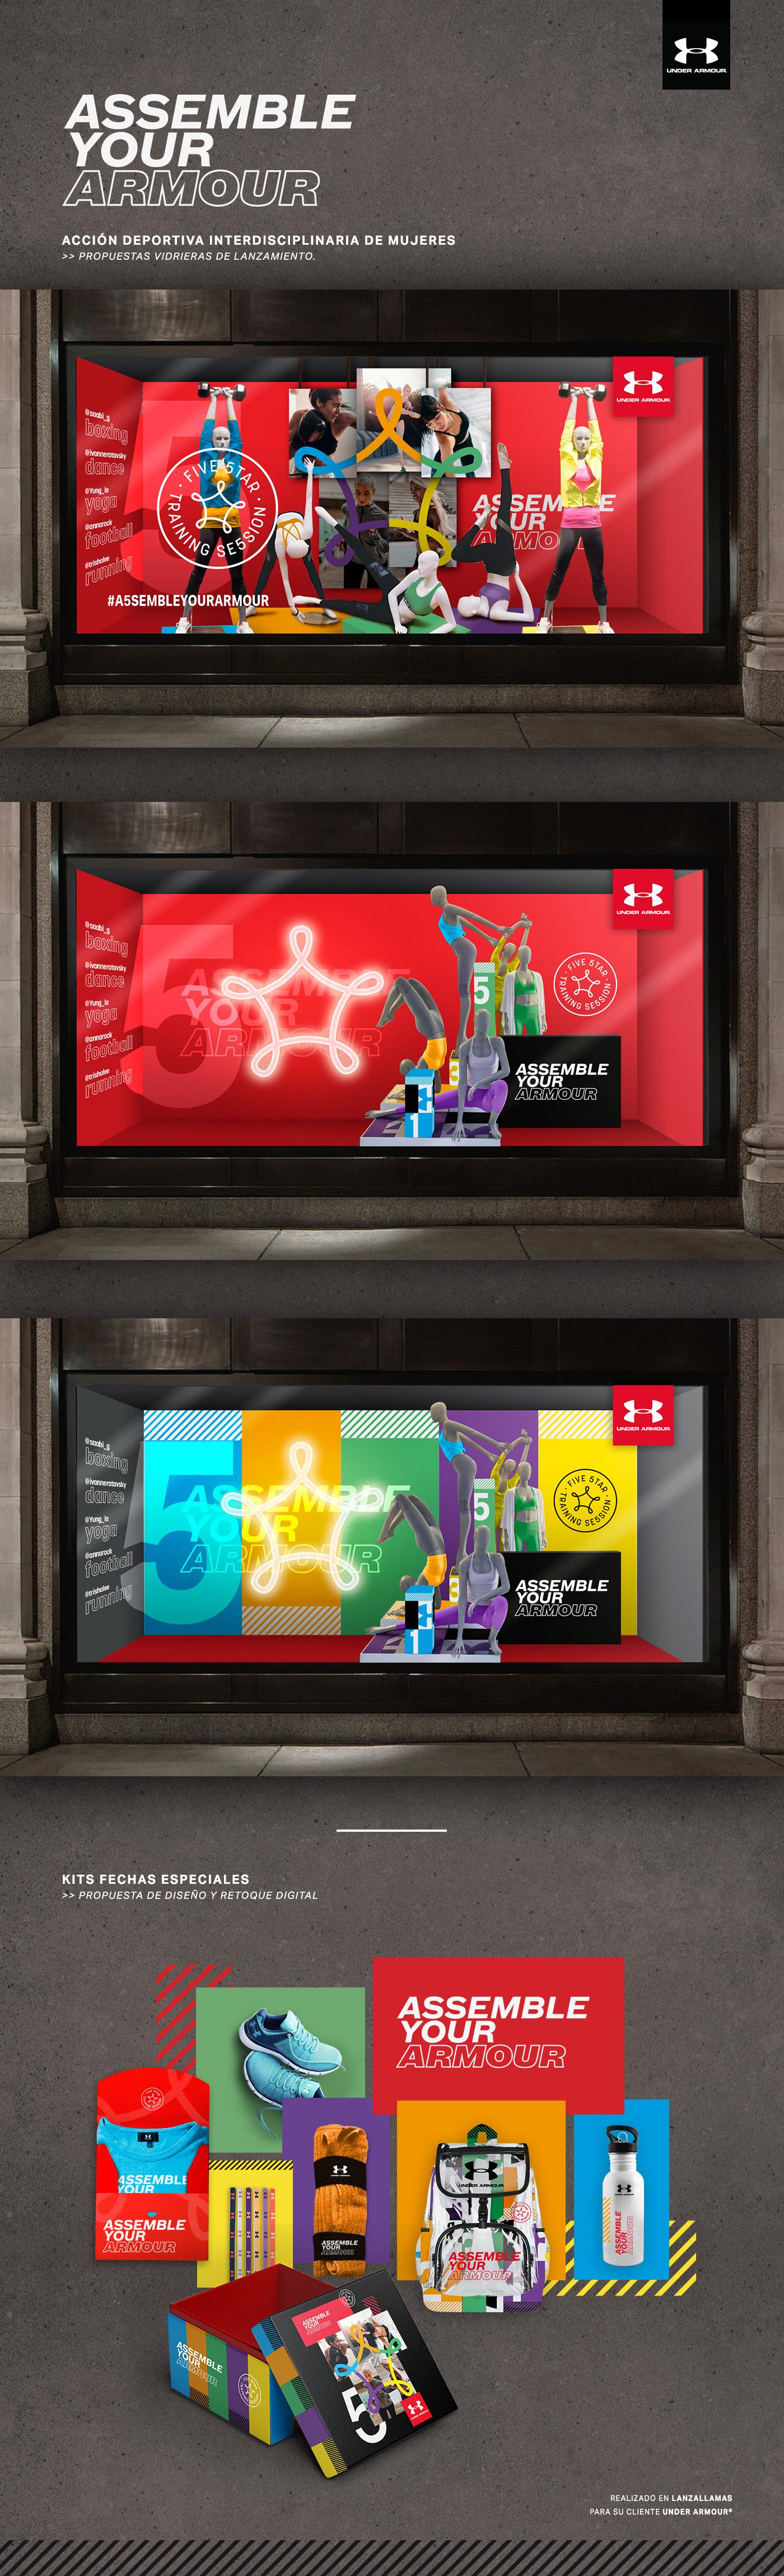 Image may contain: screenshot, billboard and television